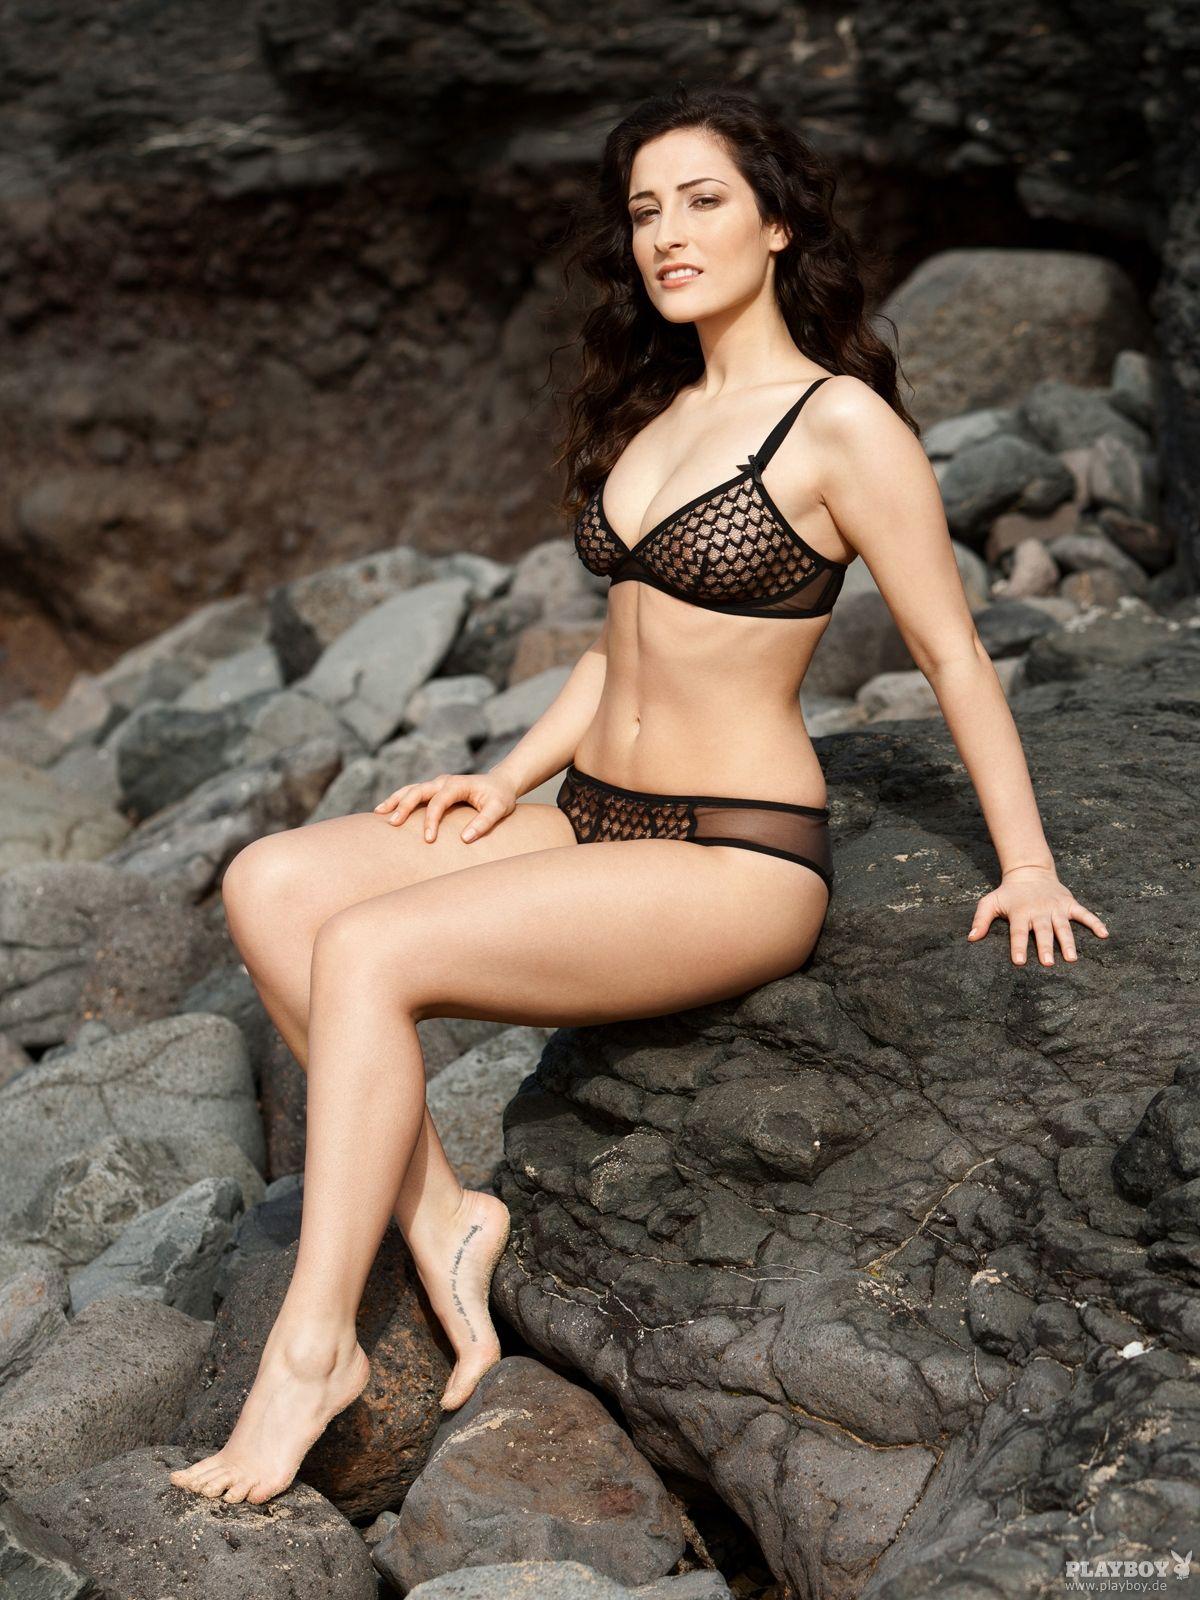 nude women actresses Beautiful photos